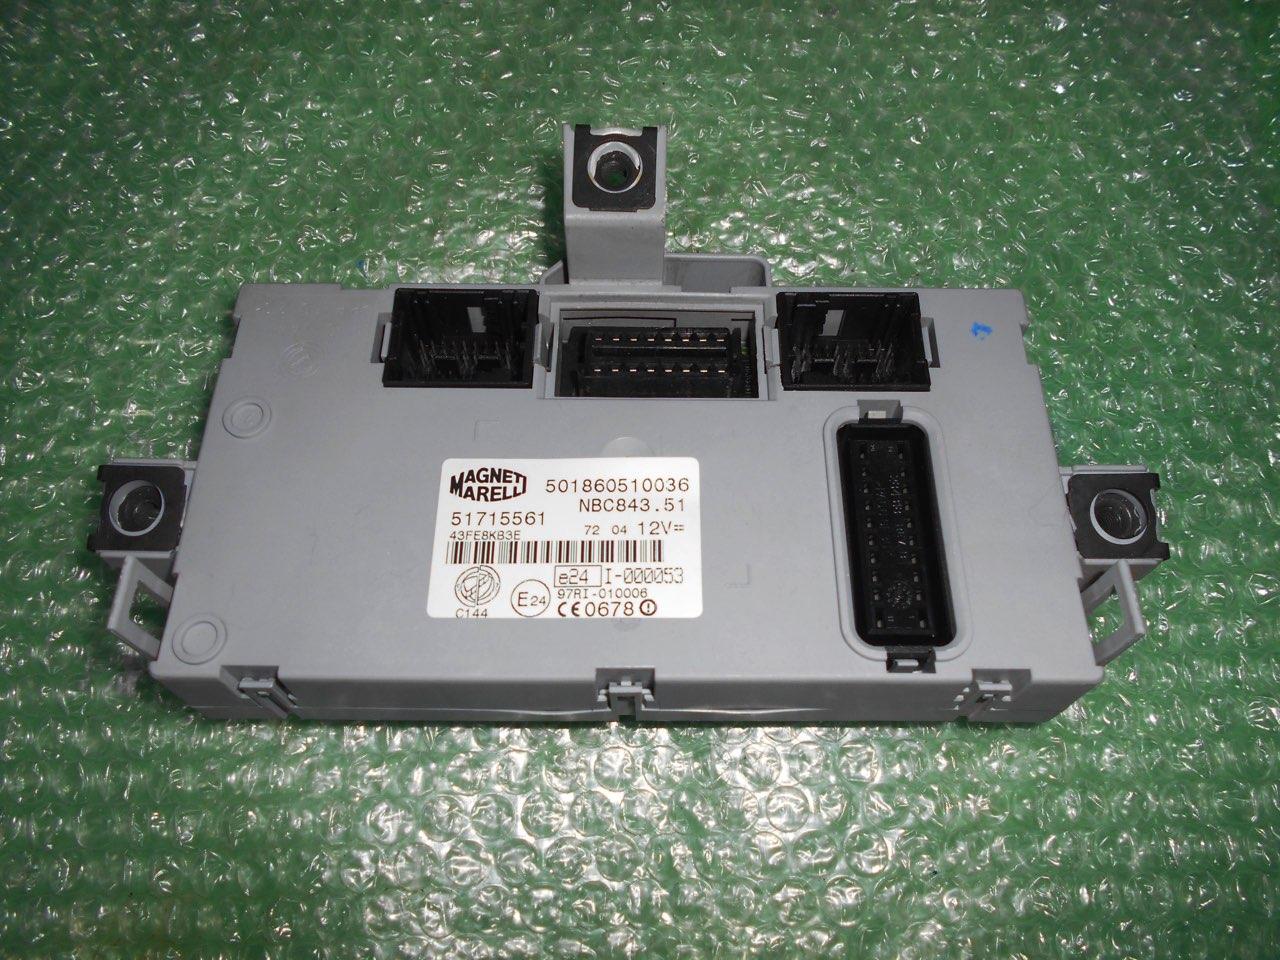 MODULO BODY COMPUTER 51715561 – MAGNETI MARELLI 501860510036 LANCIA YPSILON (843)(2003-2011)